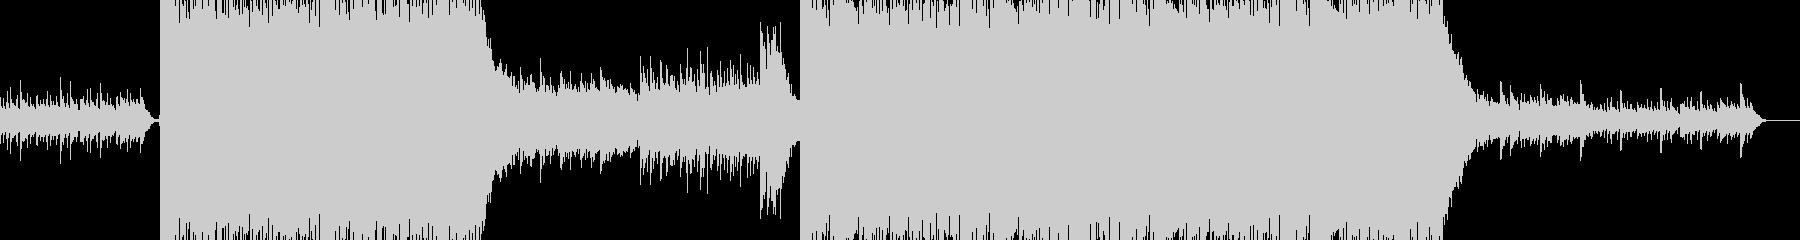 オーケストラ クワイヤー パレードの未再生の波形